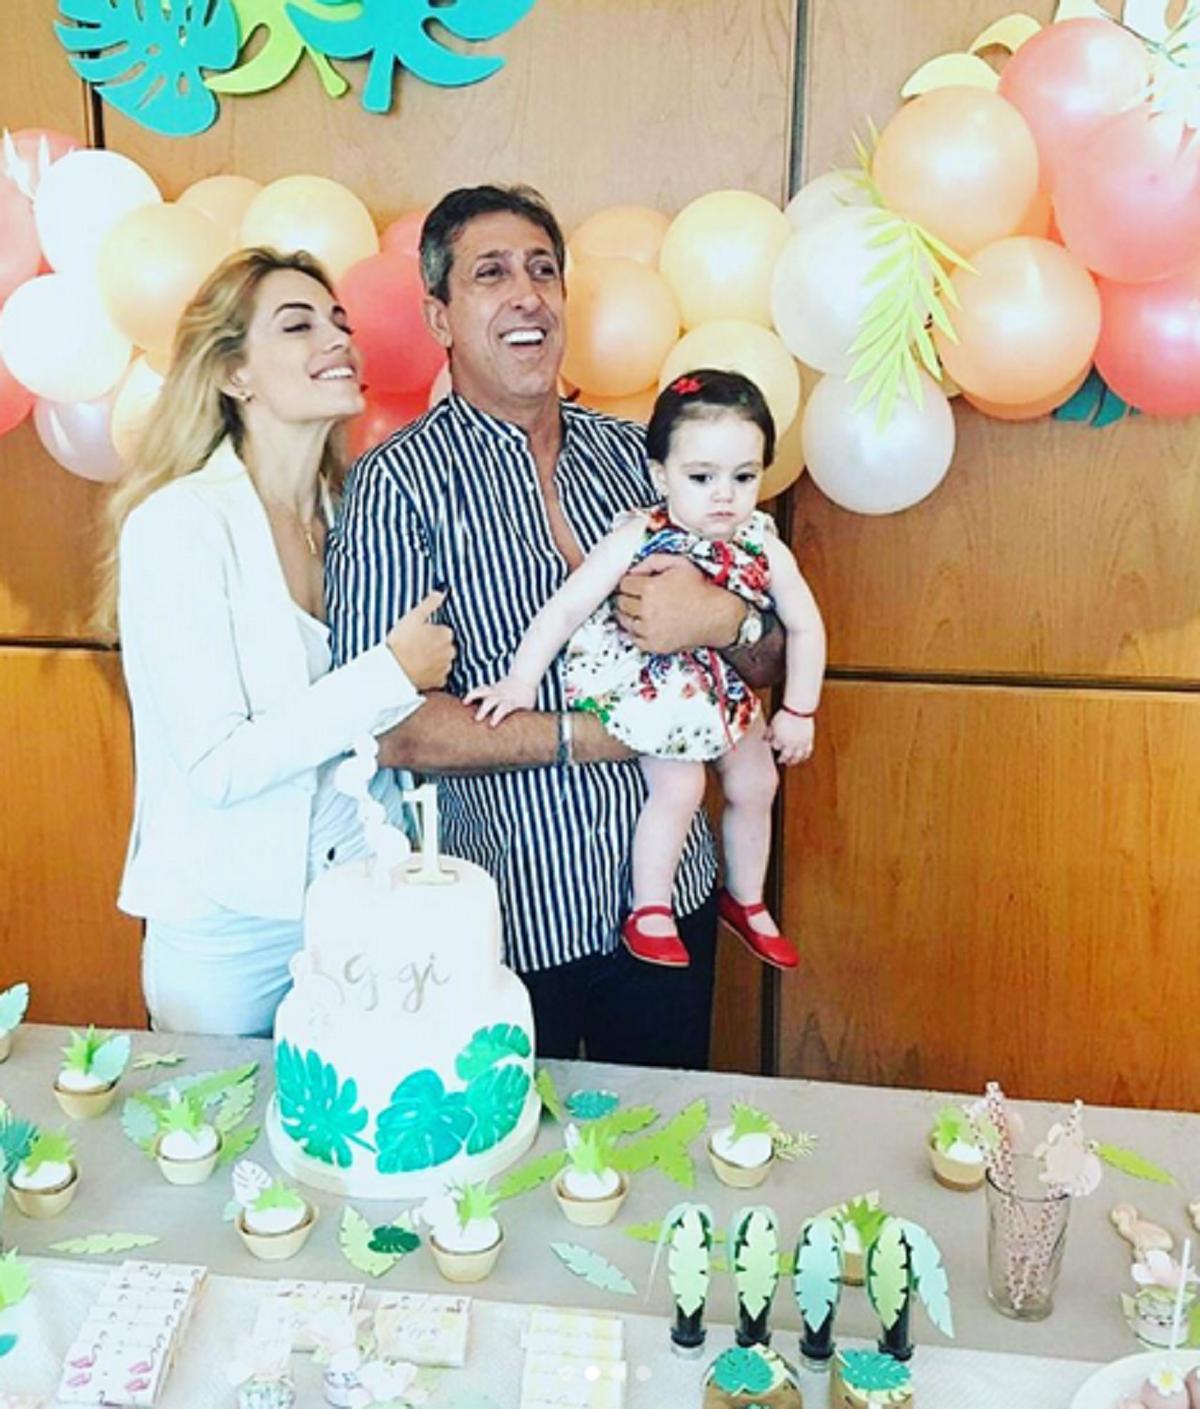 Emilia Attías y el Turco Naim festejaron el primer año de Gina